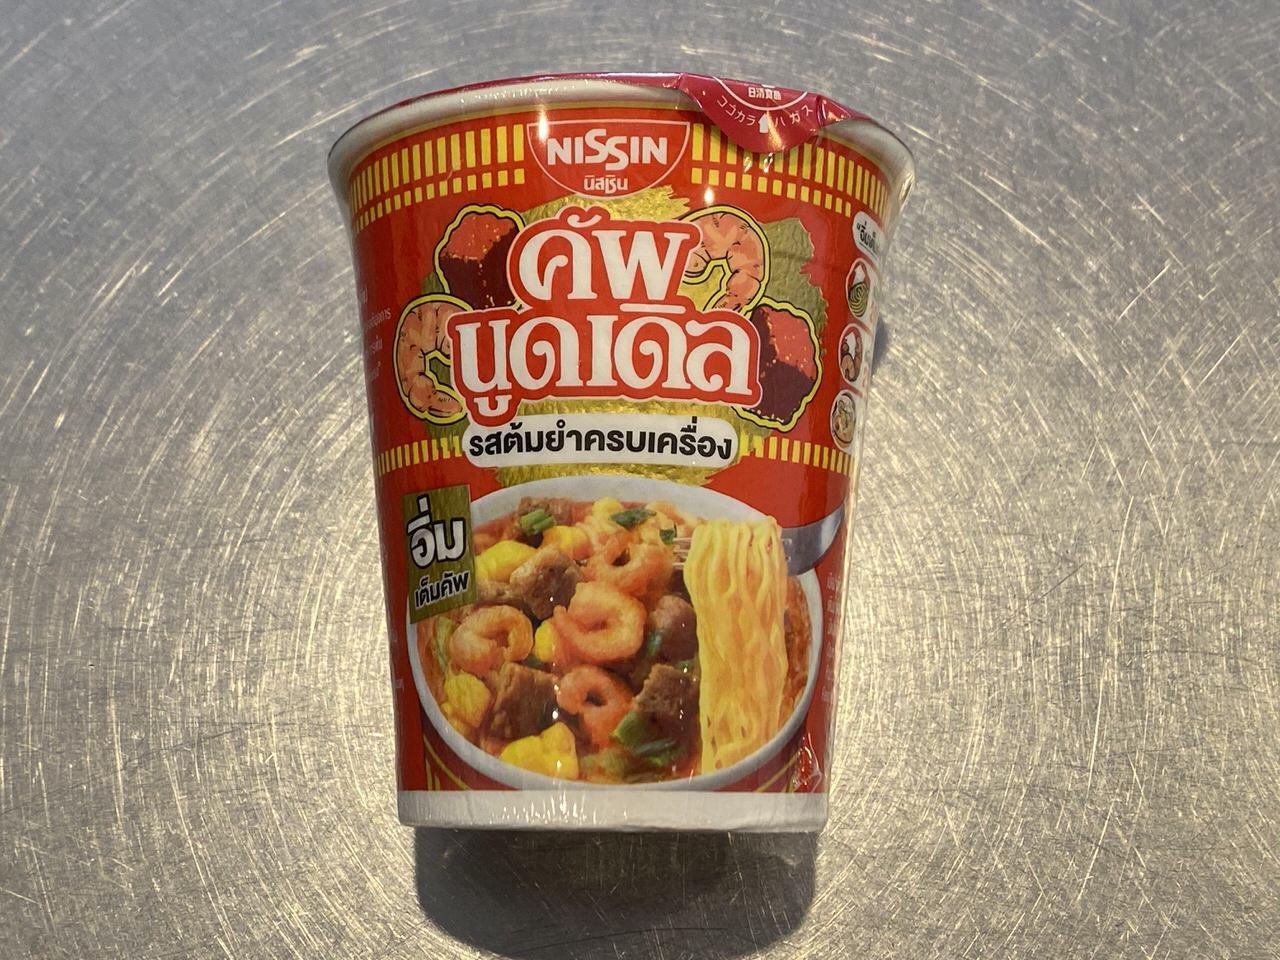 タイ日清が製造した唐辛子の辛みとライムの酸味が美味しい「カップヌードル トムヤムクン味」食べてみた